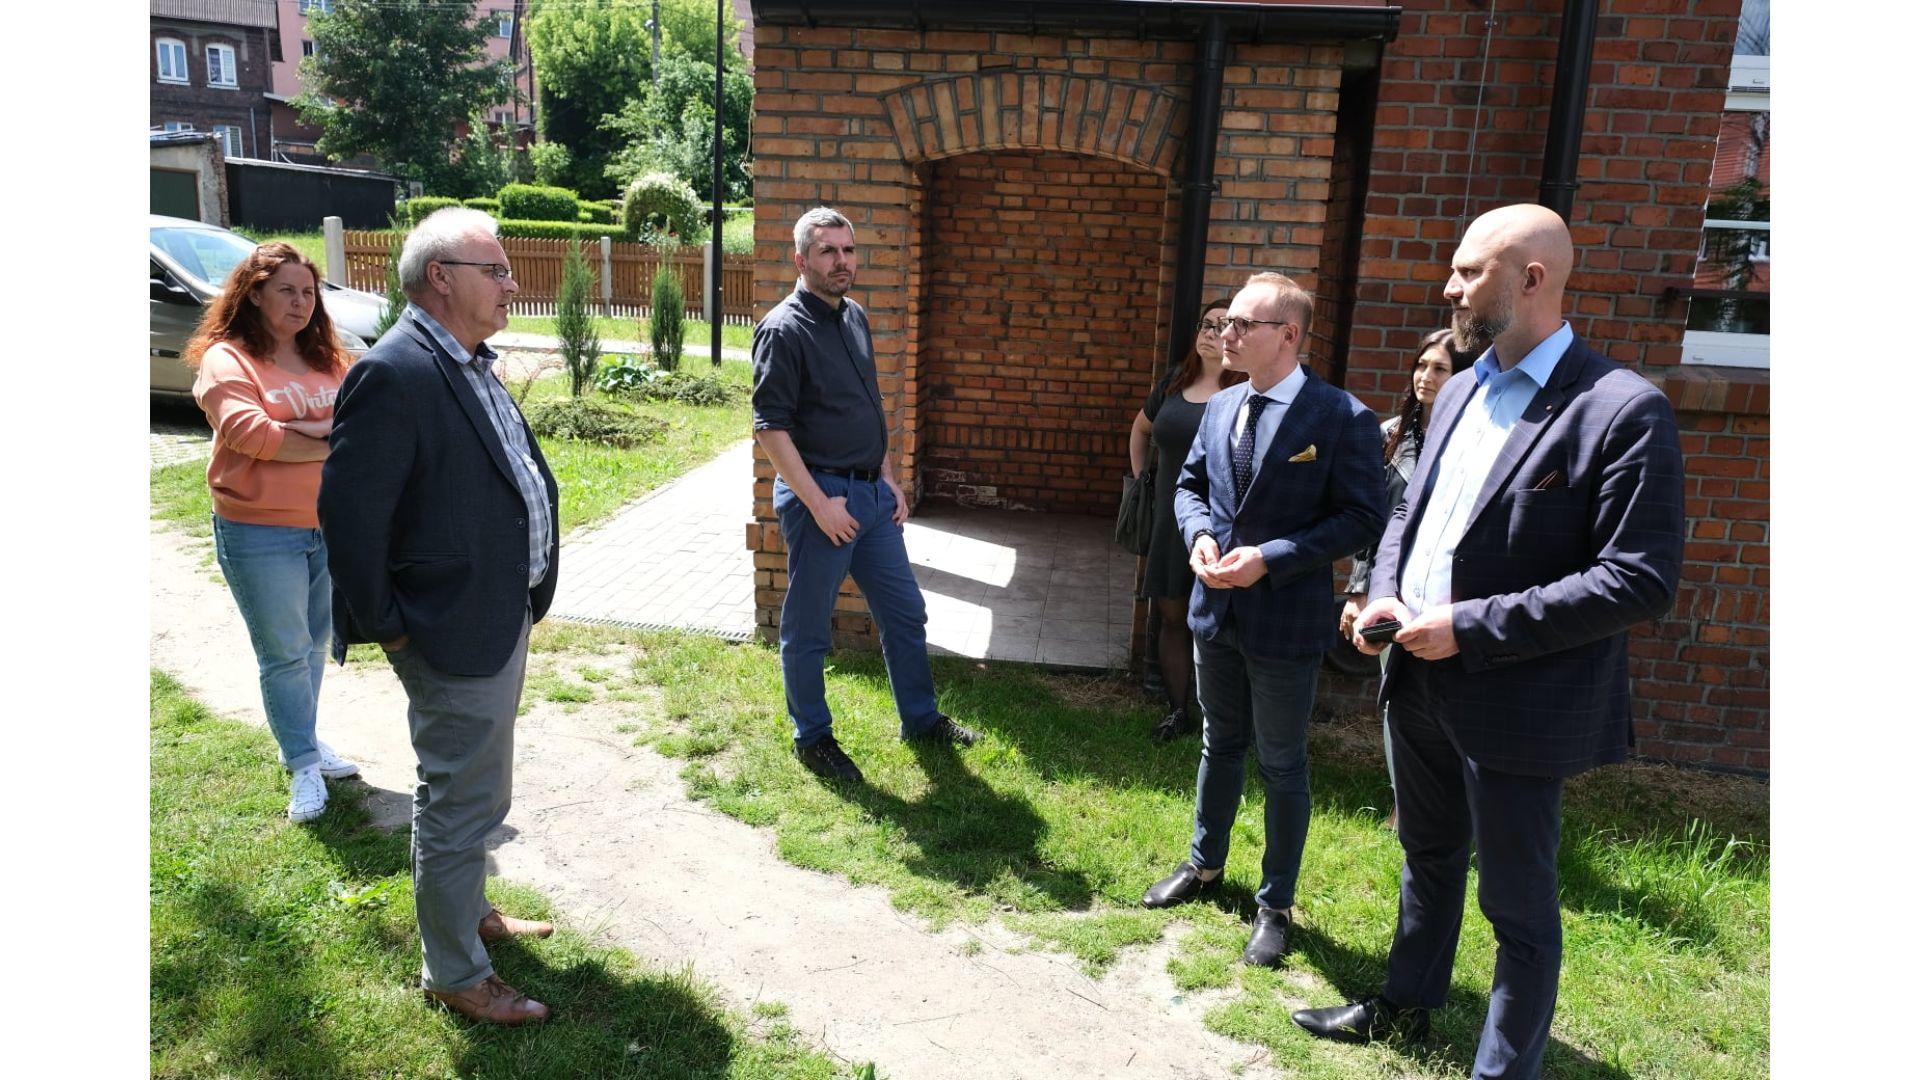 Wizyta posłów M. Kopca i M. Koniecznego w Radlinie